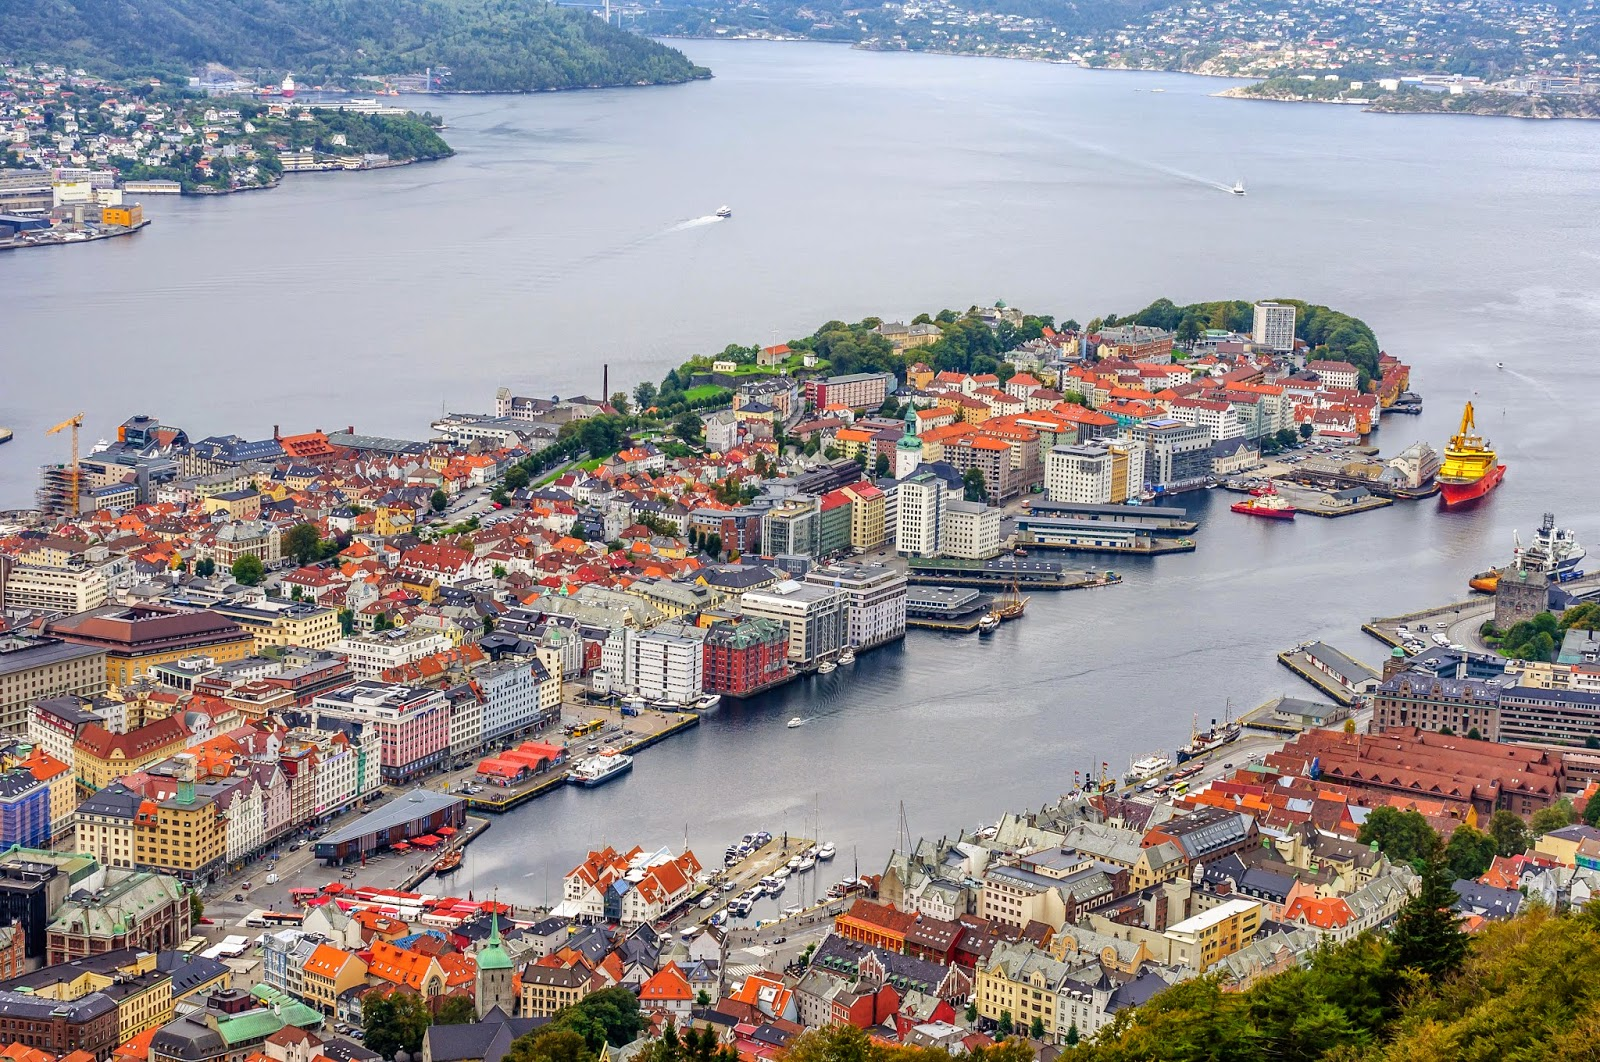 Yağmur Şehri Bir Diğer Deyişle Acıların Kadını Bergen